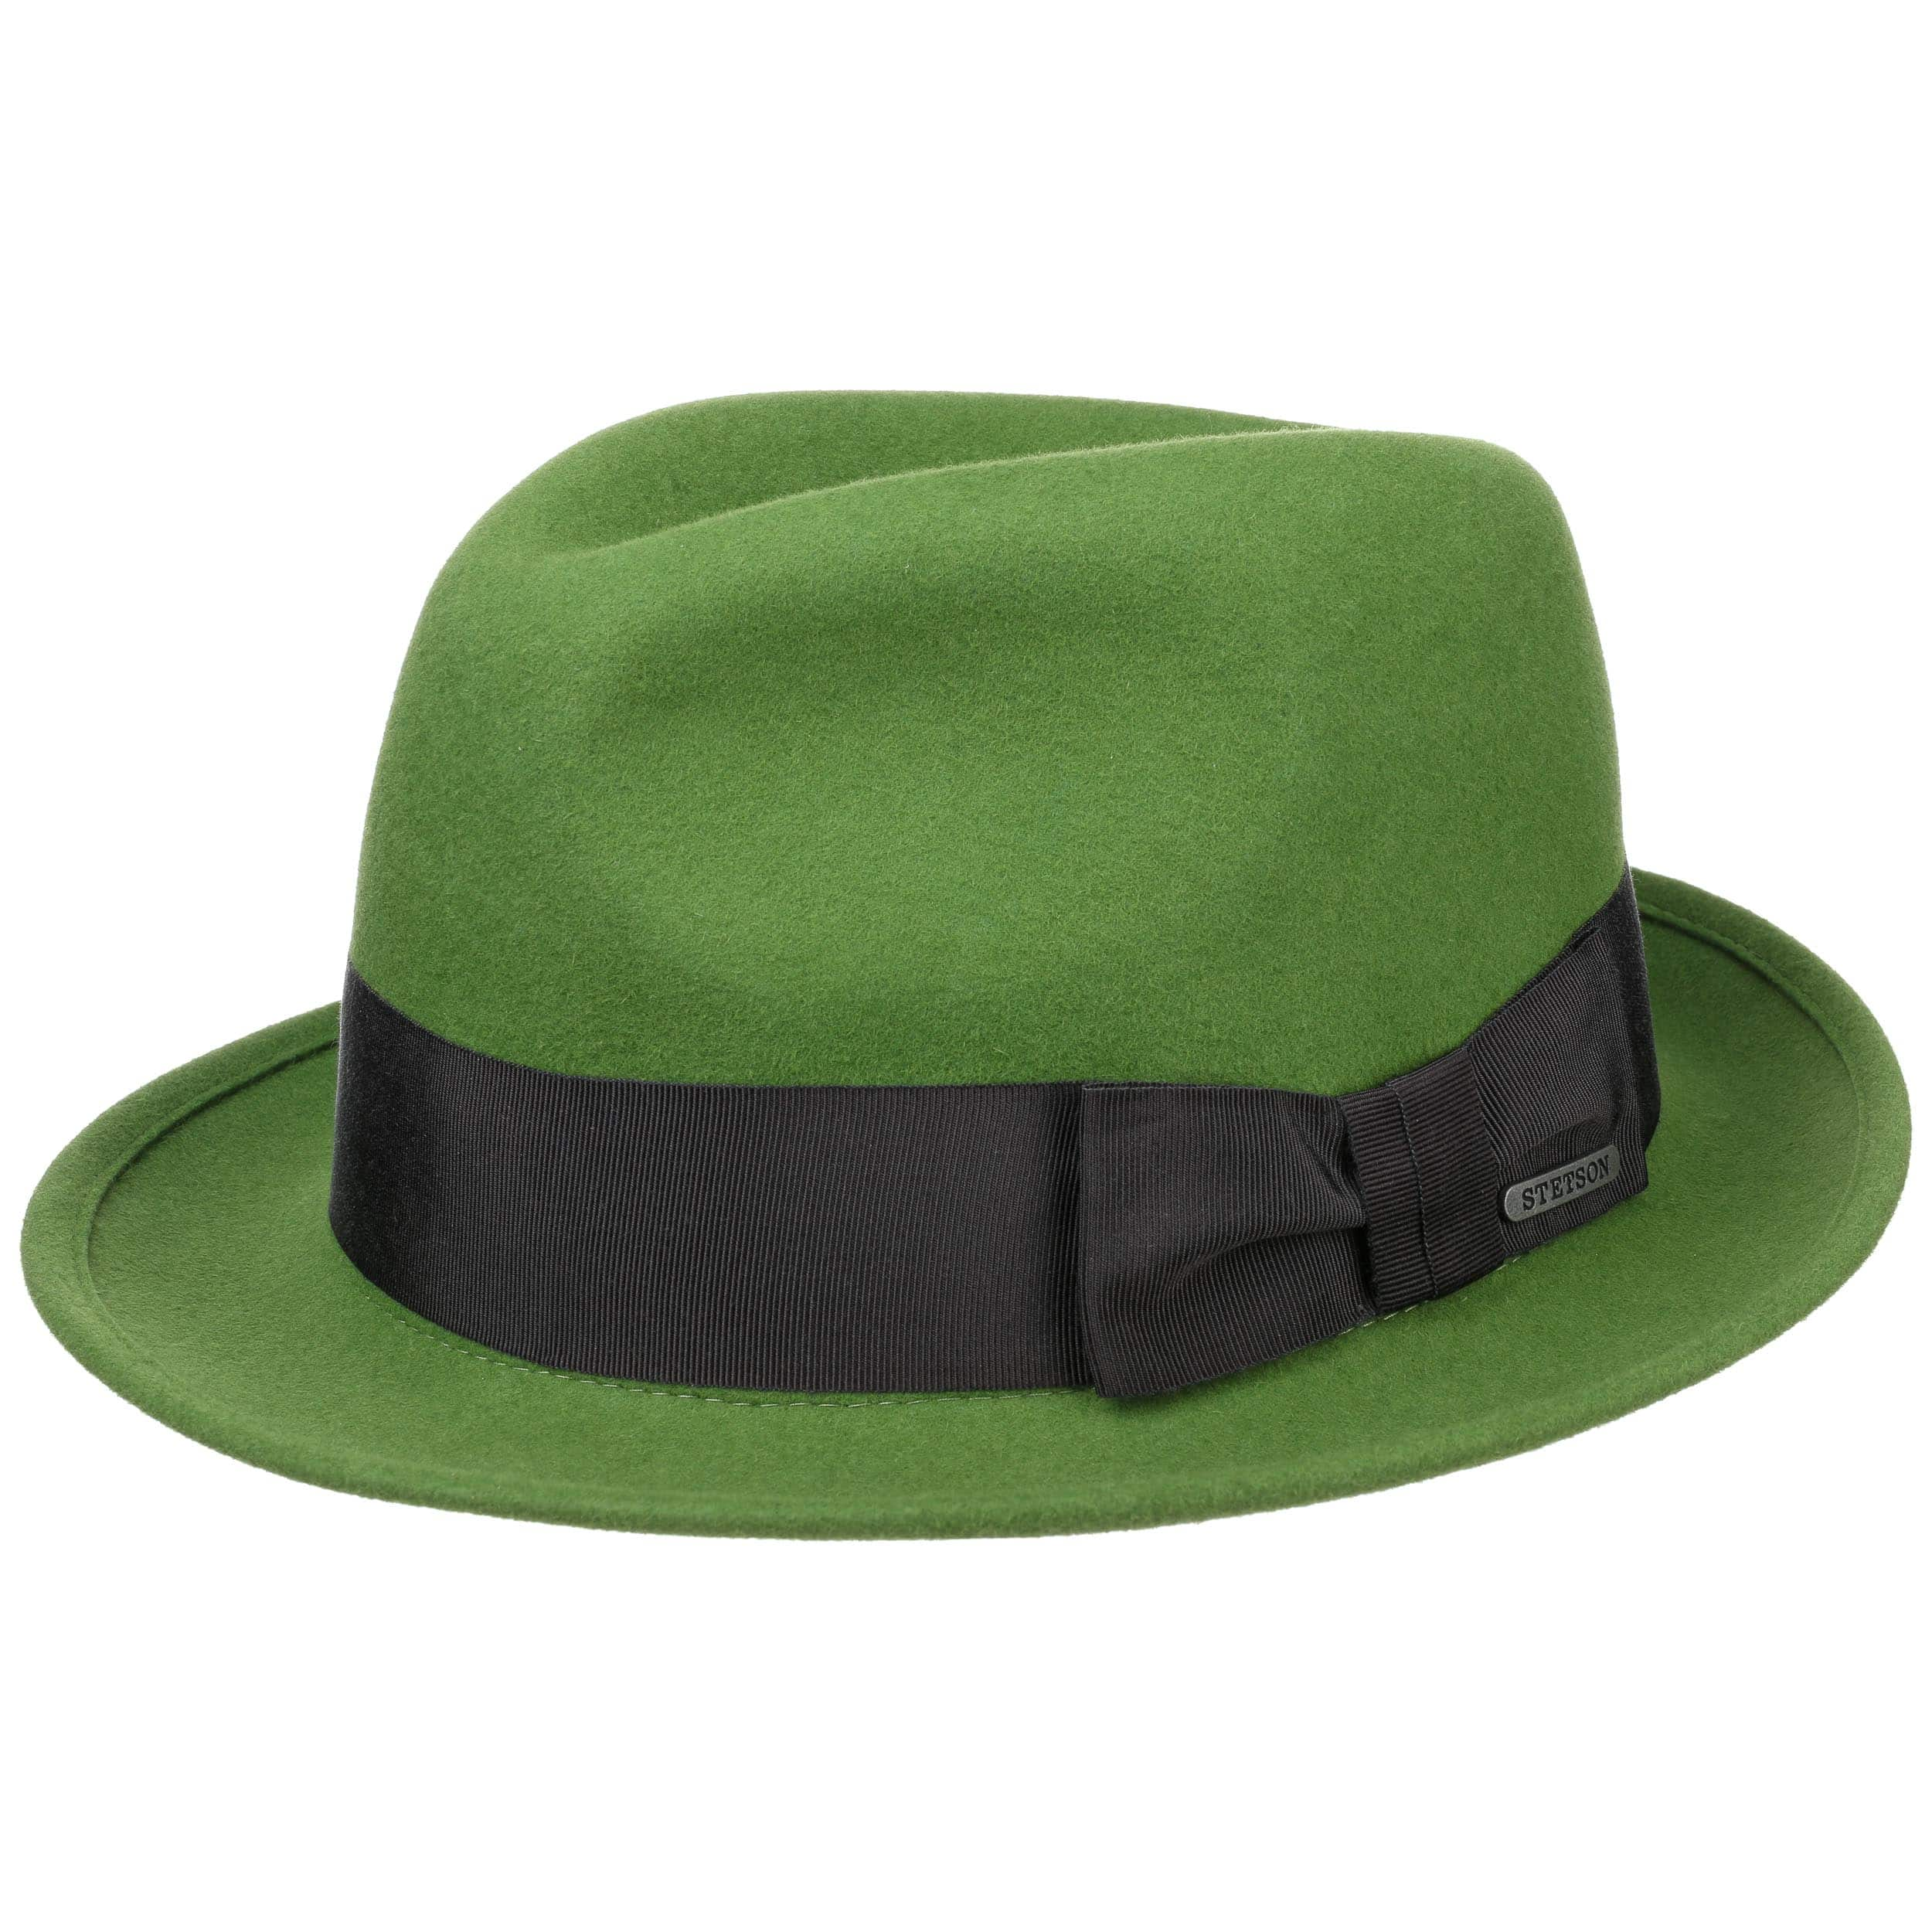 d9be2c2537217 ... Chapeau en Feutre de Poil Marico by Stetson - vert 5 ...